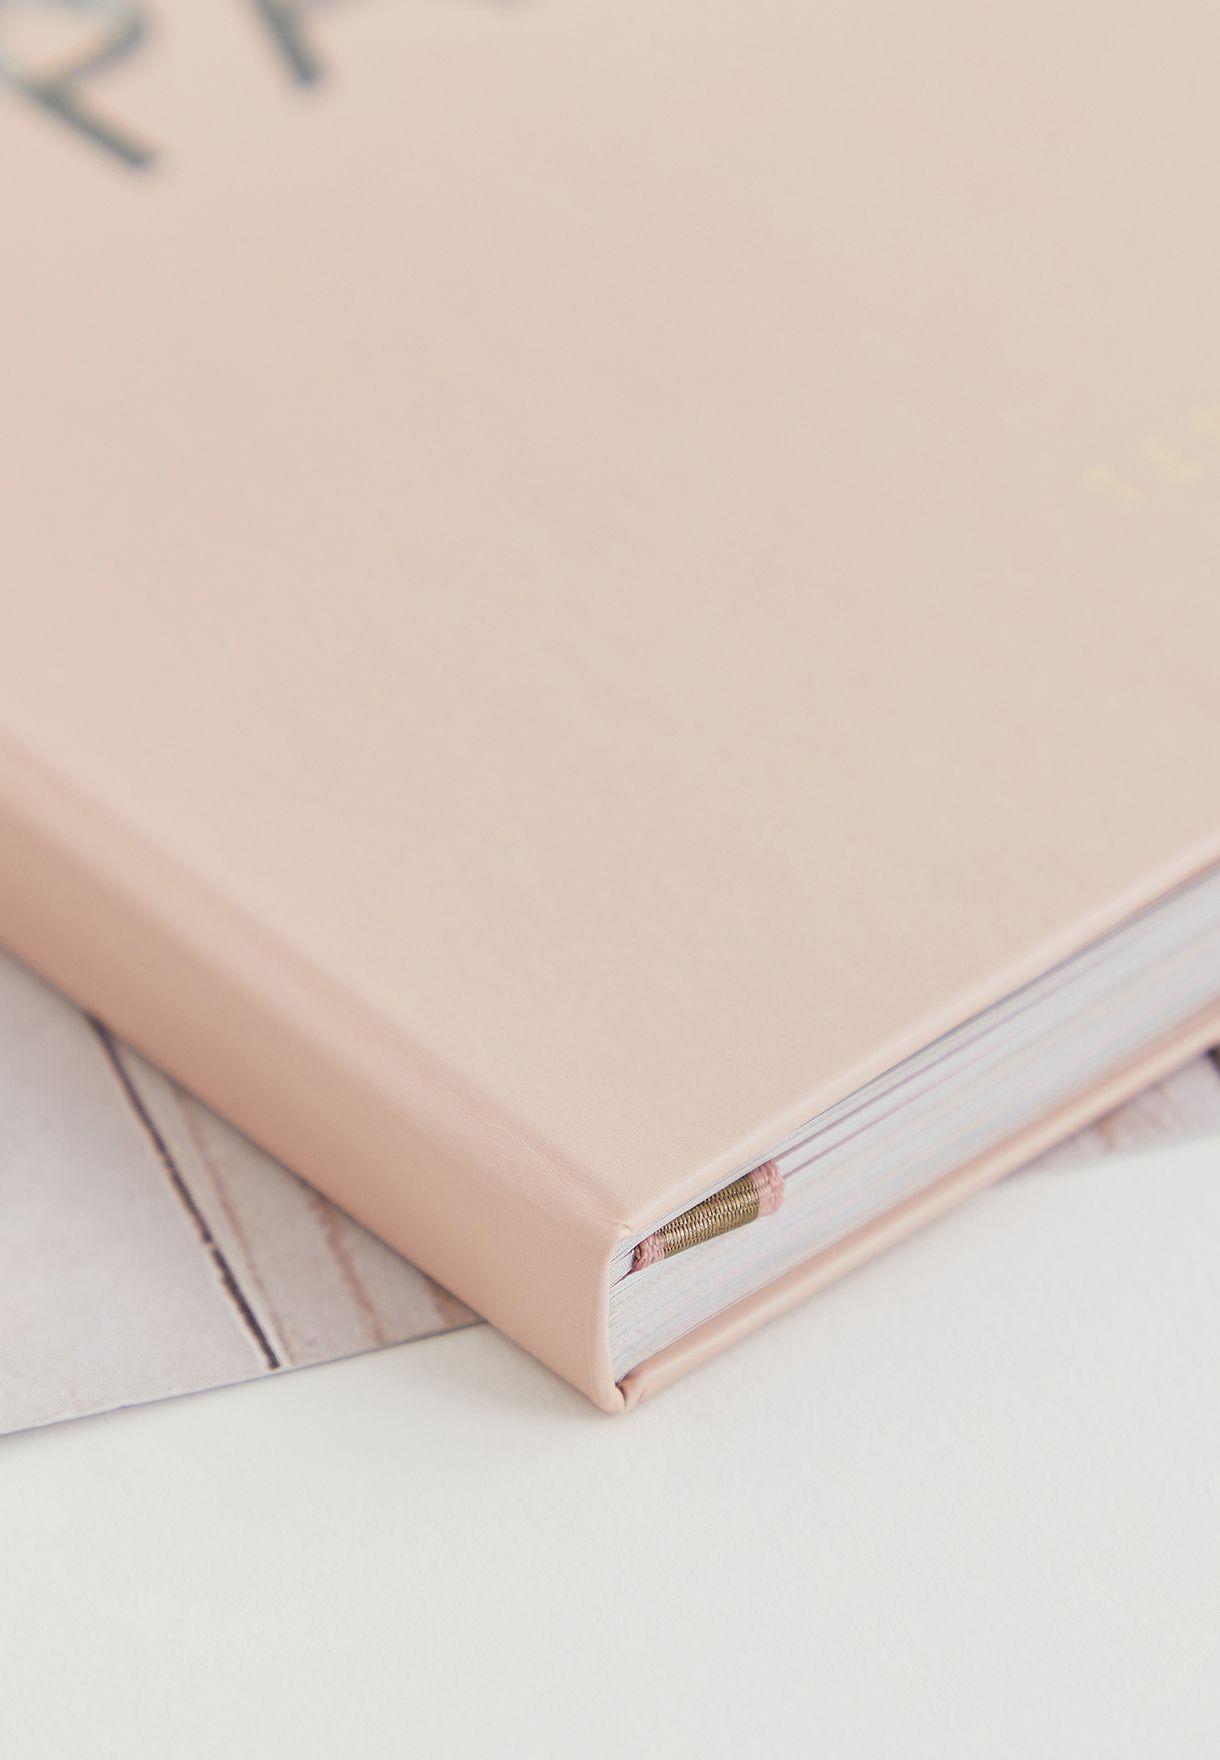 دفتر تخطيط وملاحظات سفر